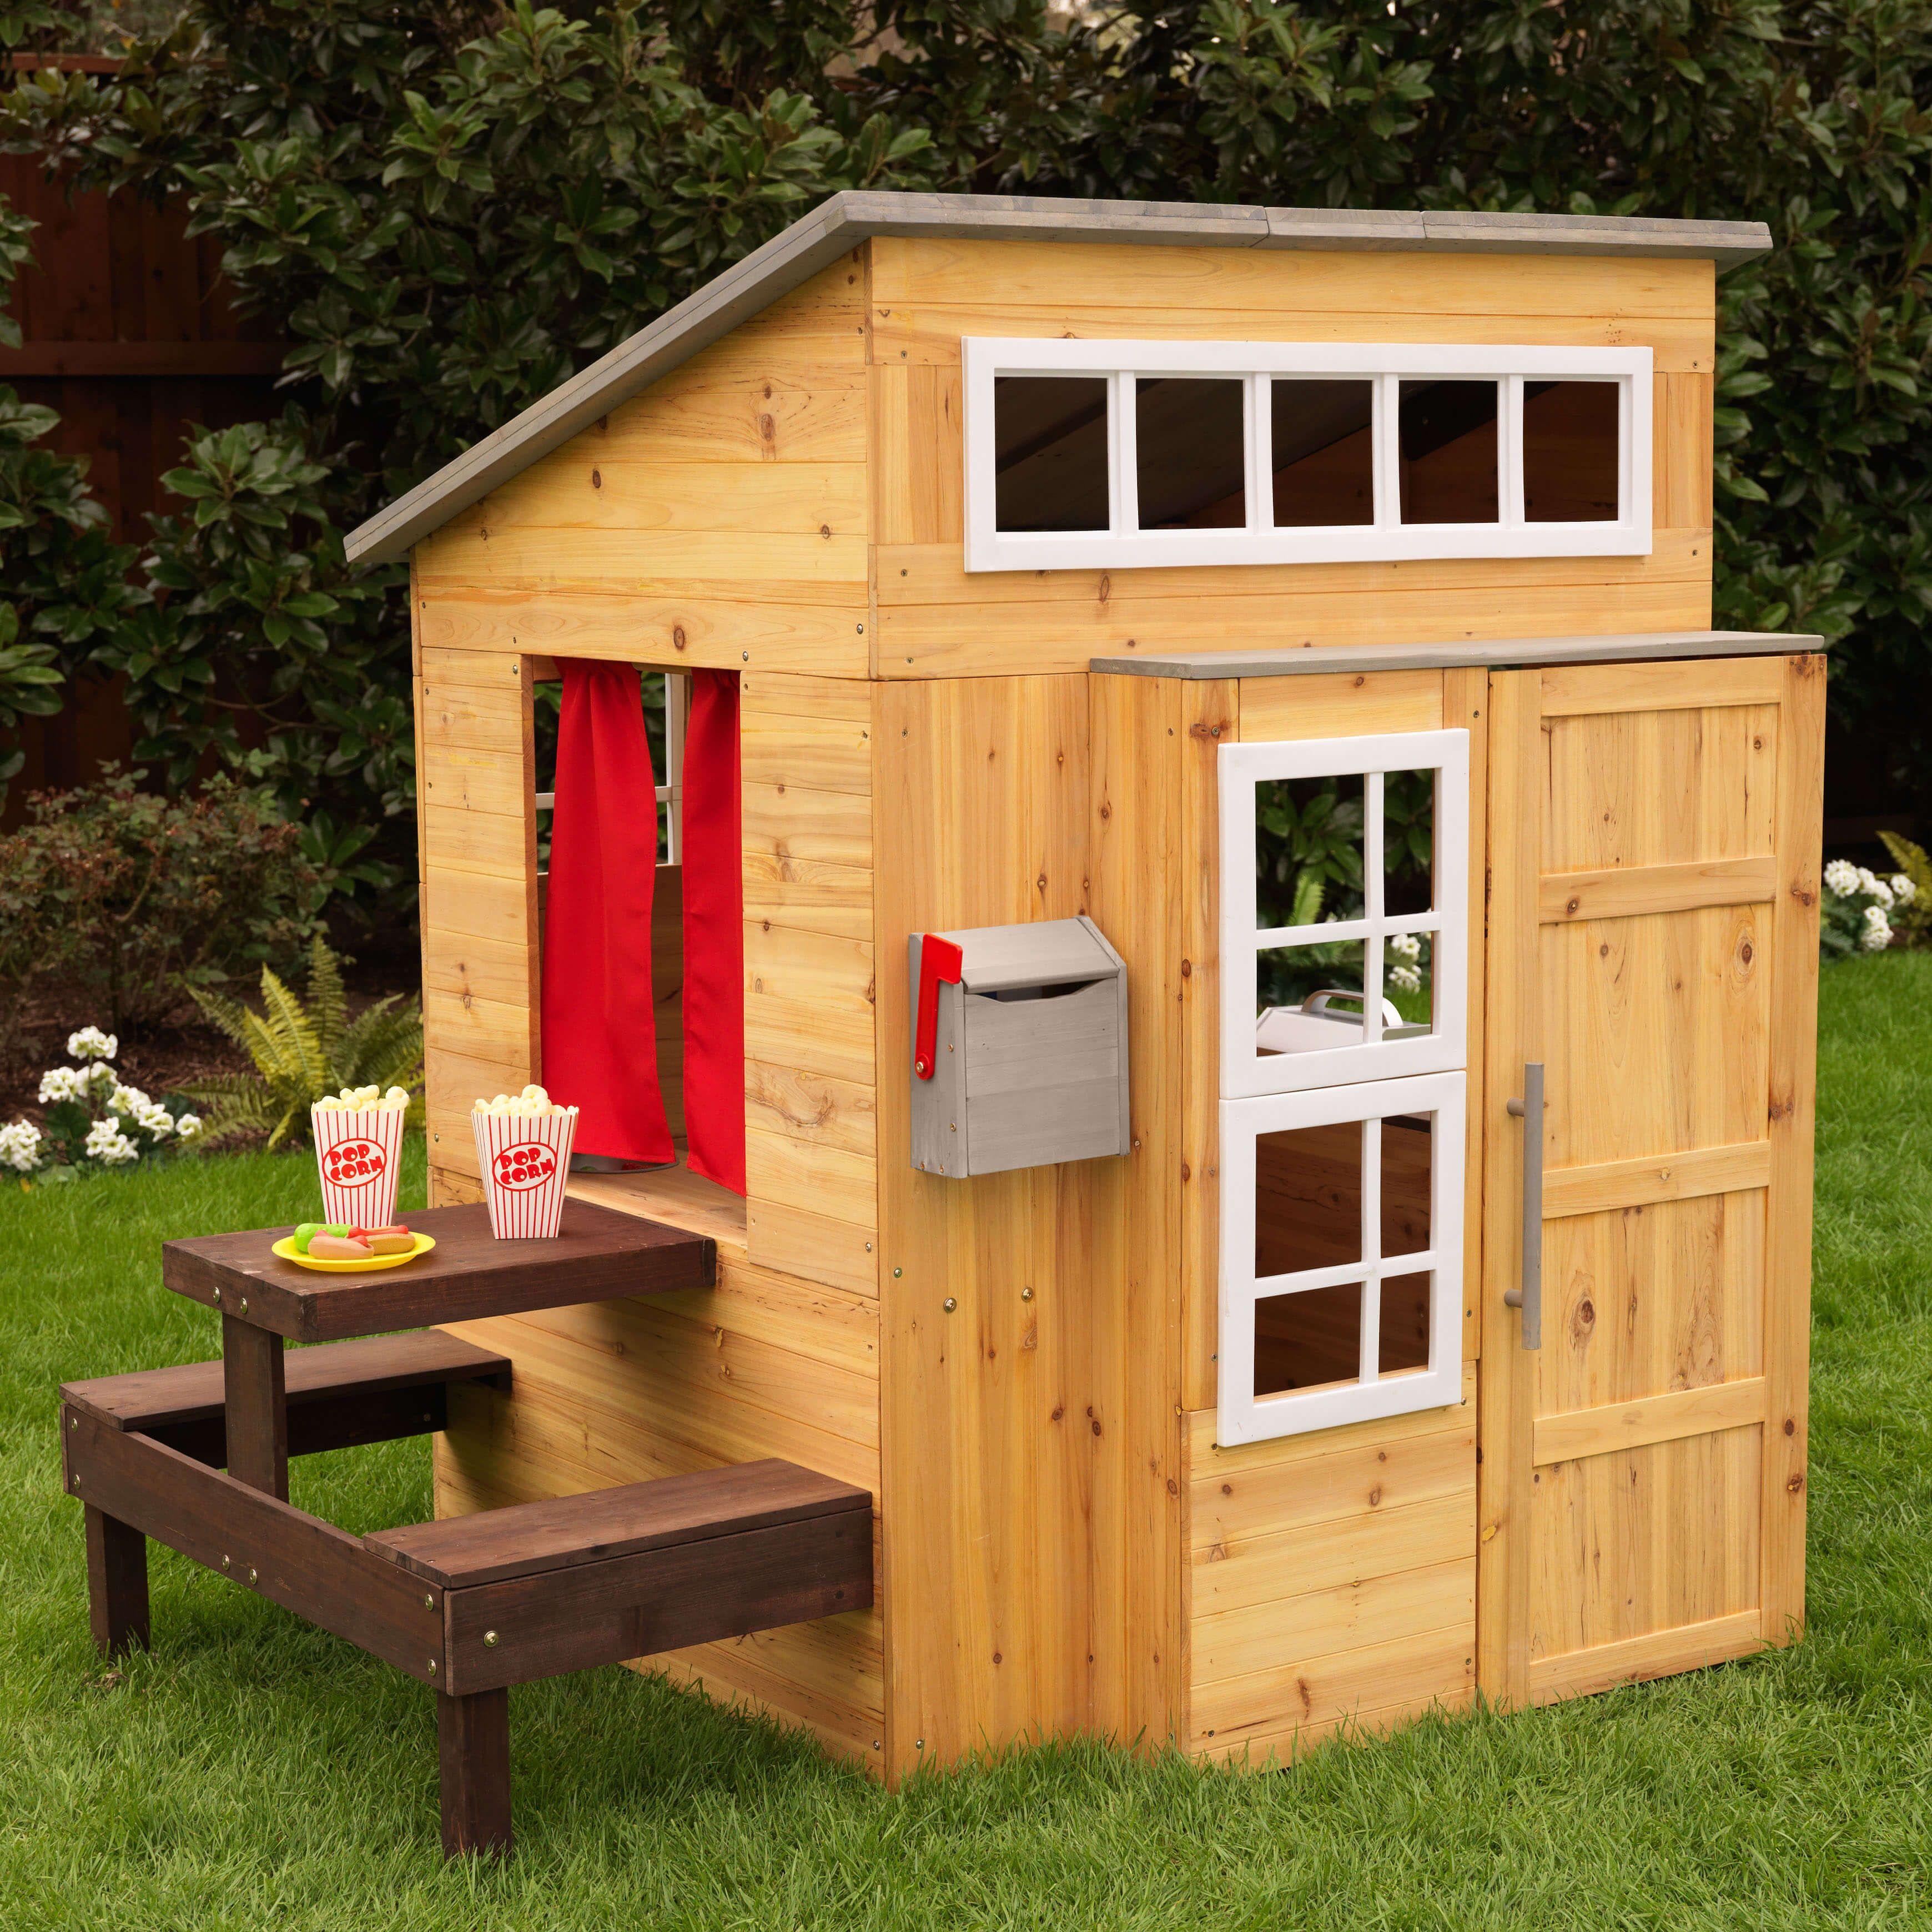 Dieses super moderne und besondere Spielhaus aus Holz von